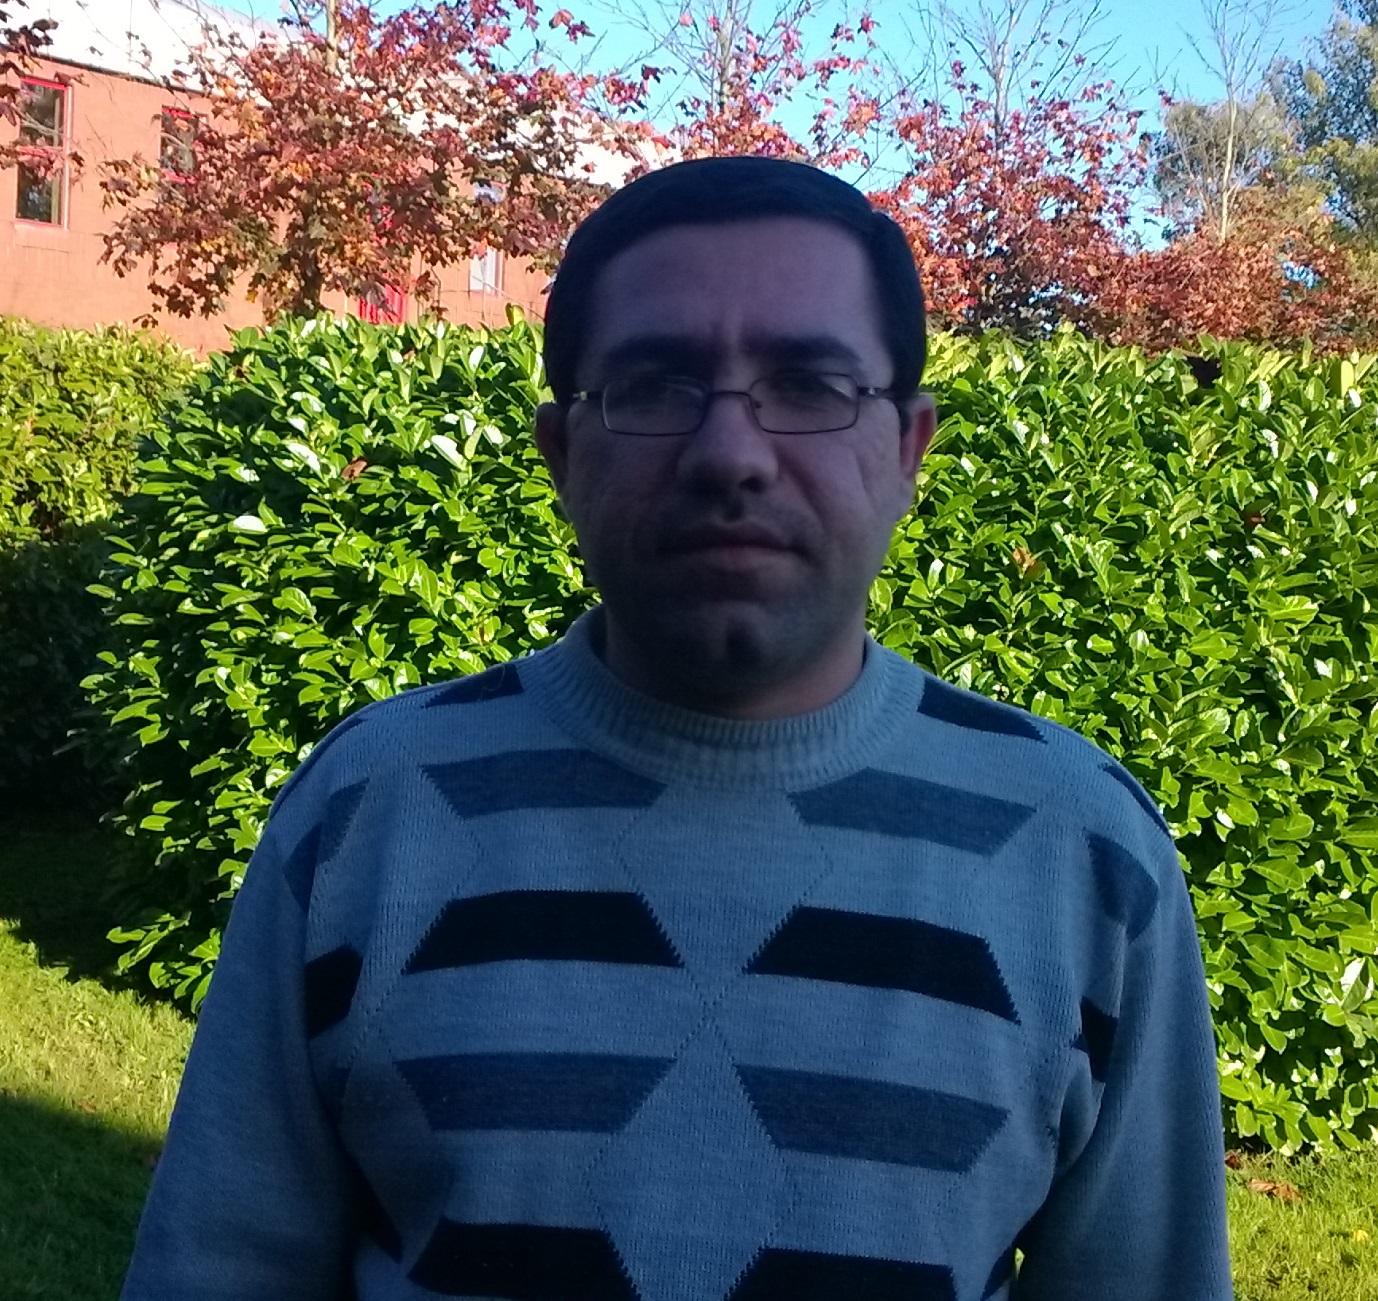 Mohammed-Photo.jpg